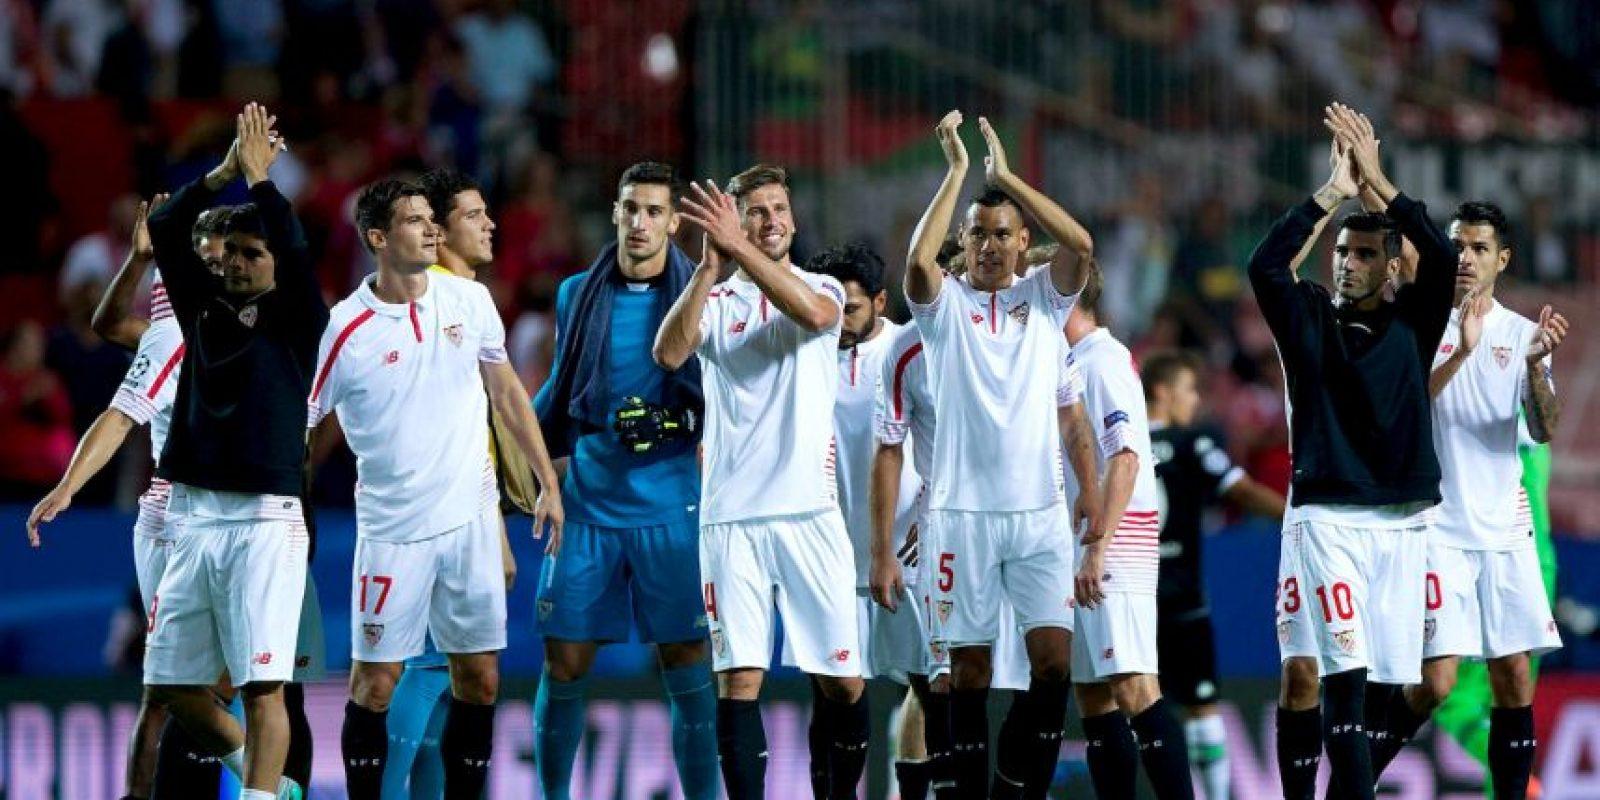 Los andaluces debutaron en Europa con una goleada de 3-0 sobre el Borussia Monchengladbach. Foto:Getty Images